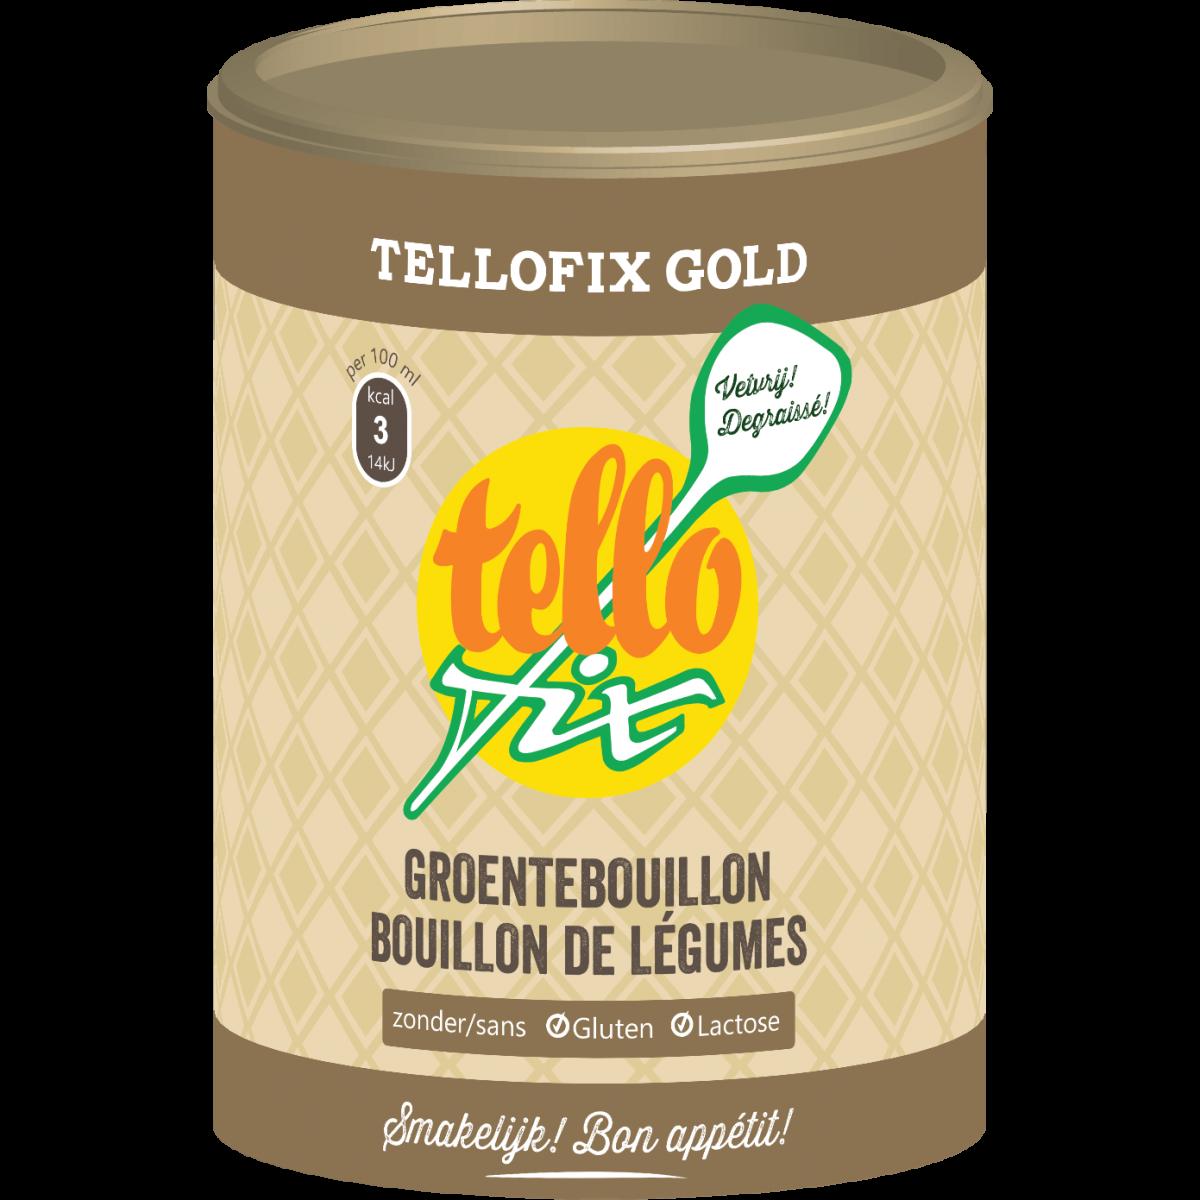 Tellofix Gold Groentebouillon 220 gram